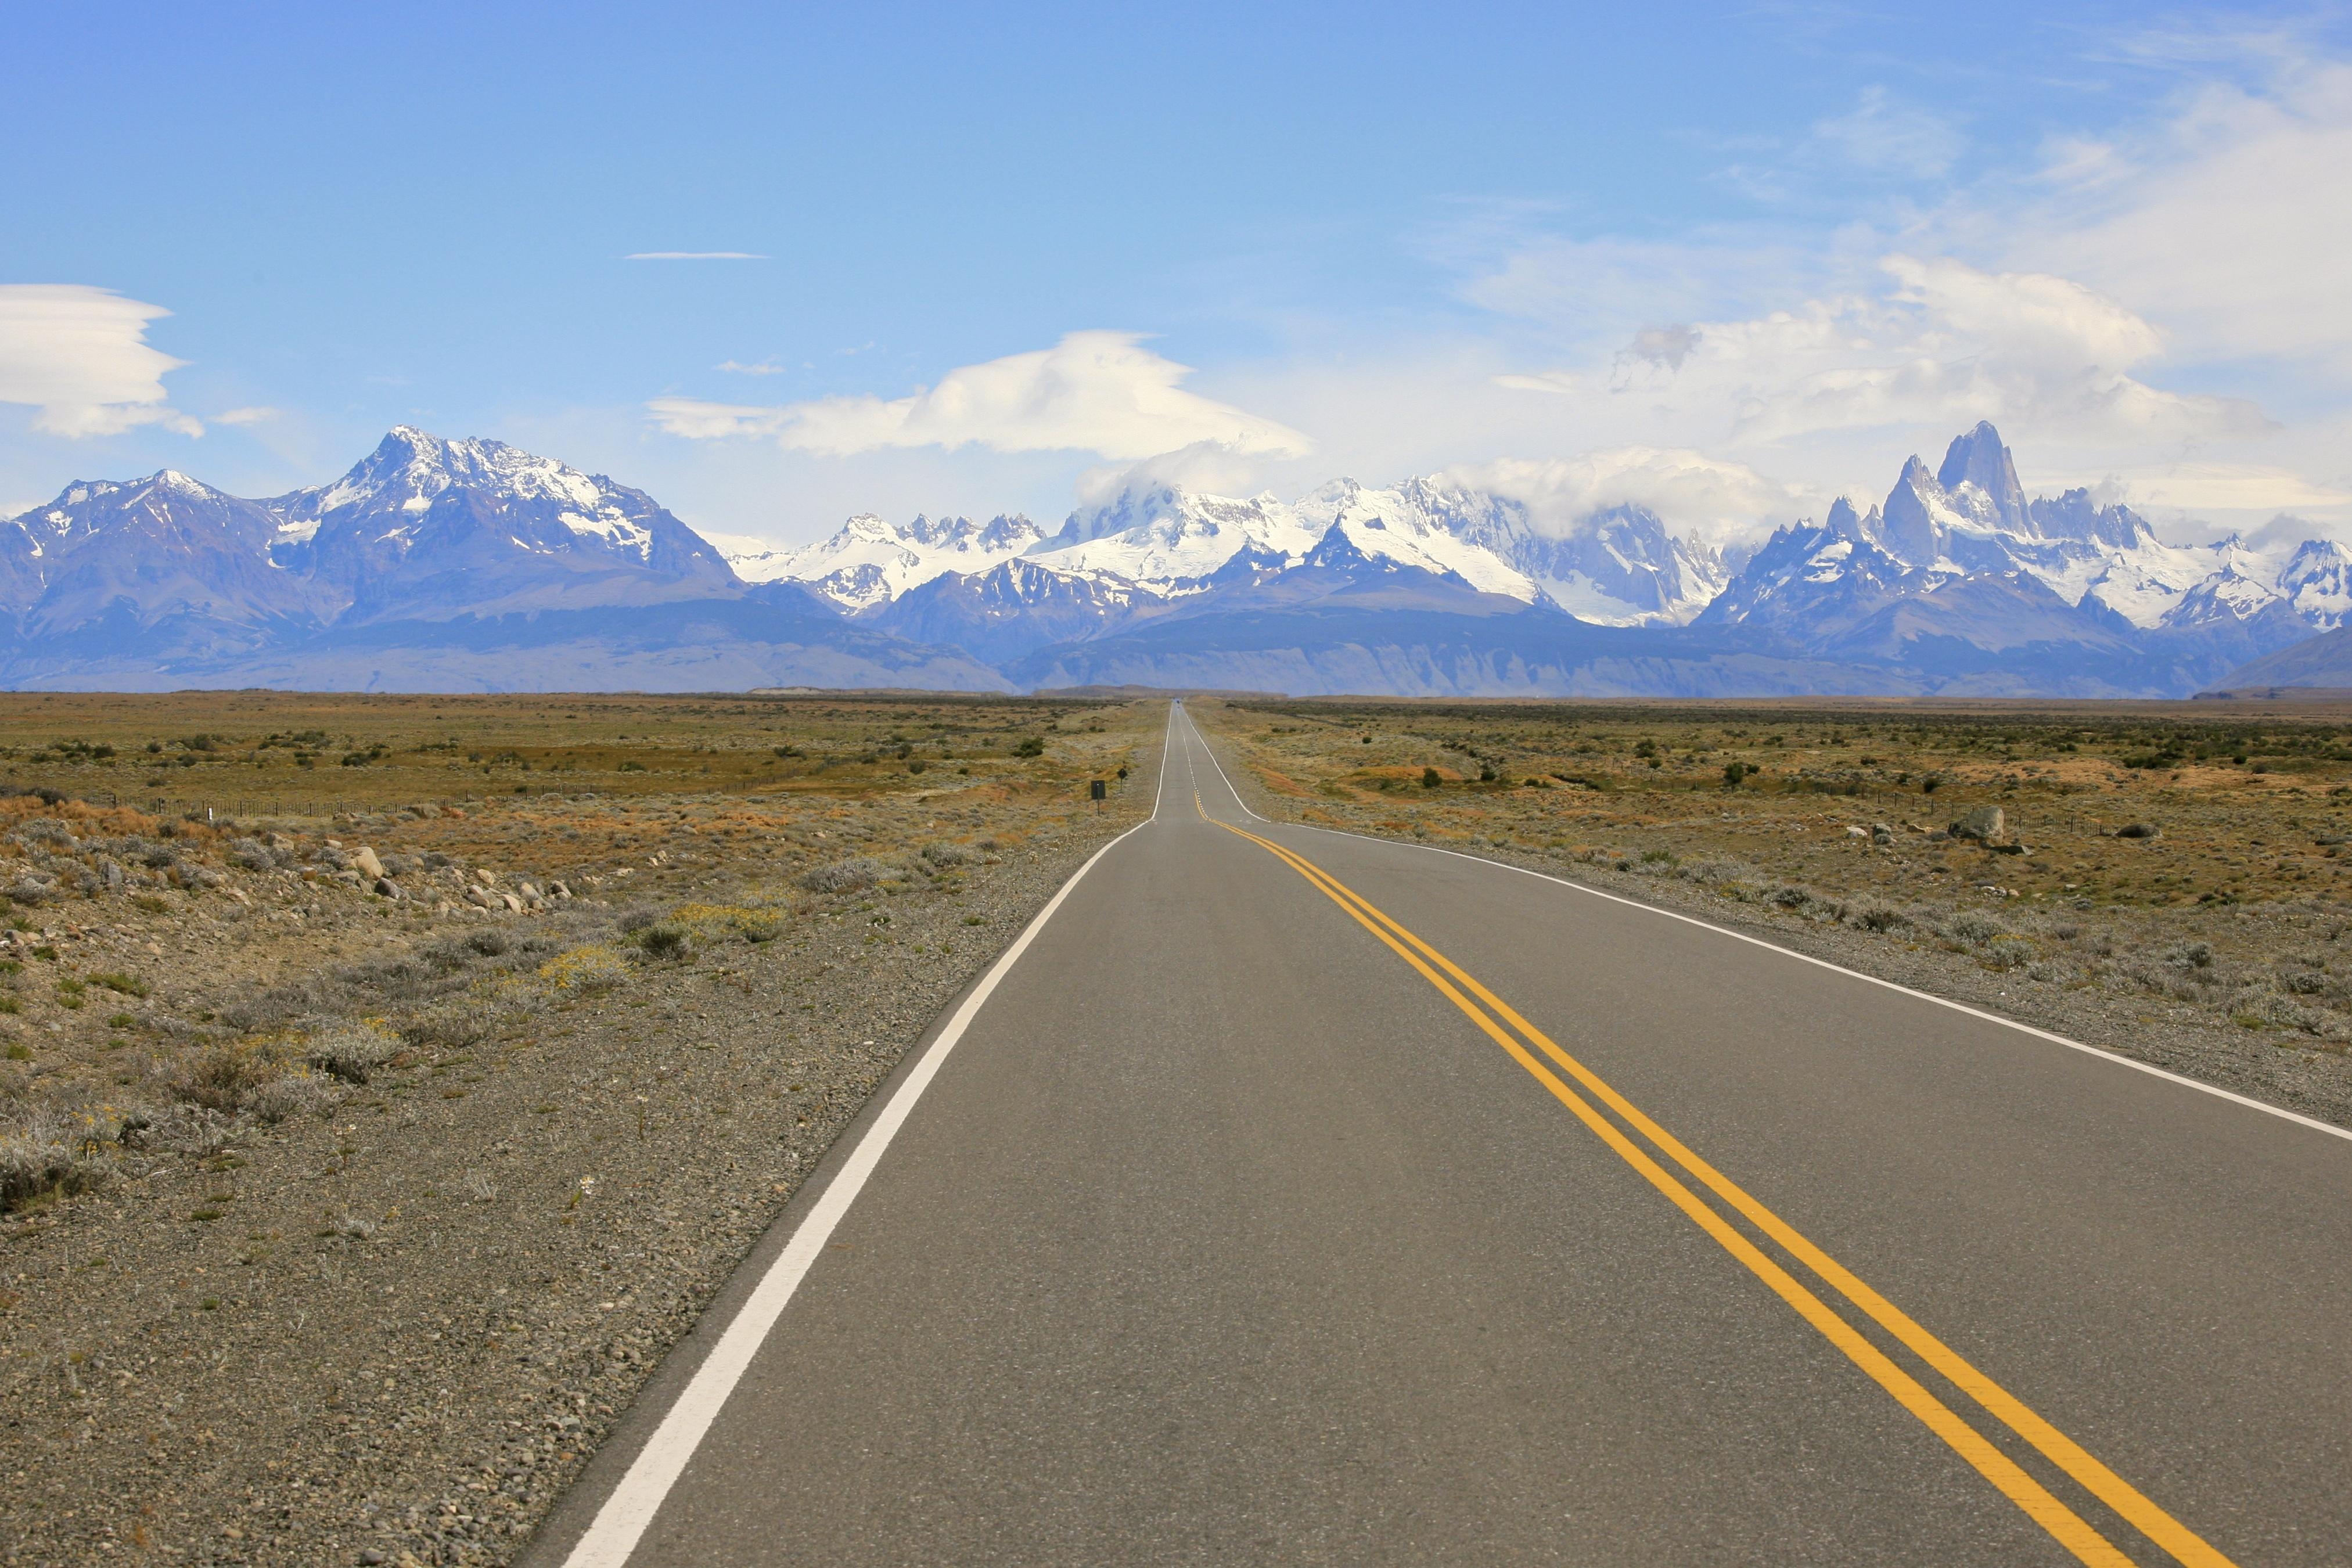 File:Long Road ... Road